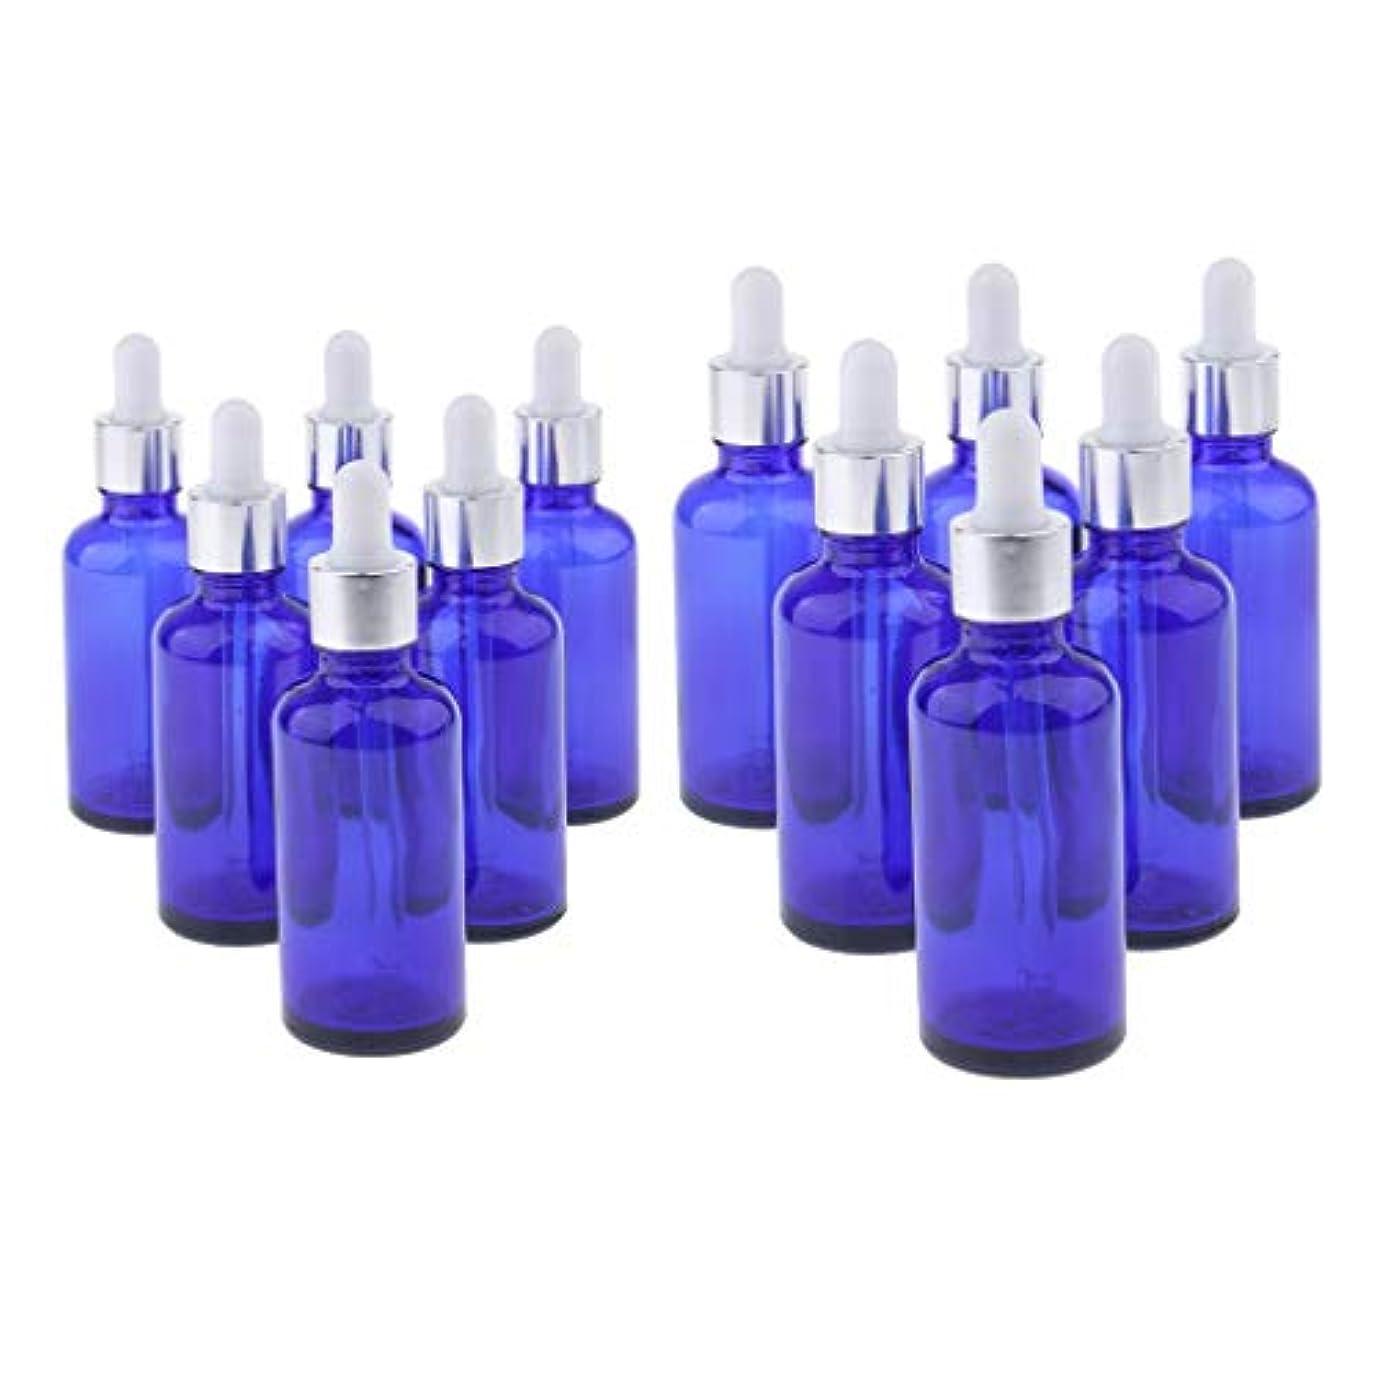 意図受け入れる謙虚化粧品容器 ガラスボトル エッセンシャルオイル 精油 香水 保存容器 スポイト付 12個入